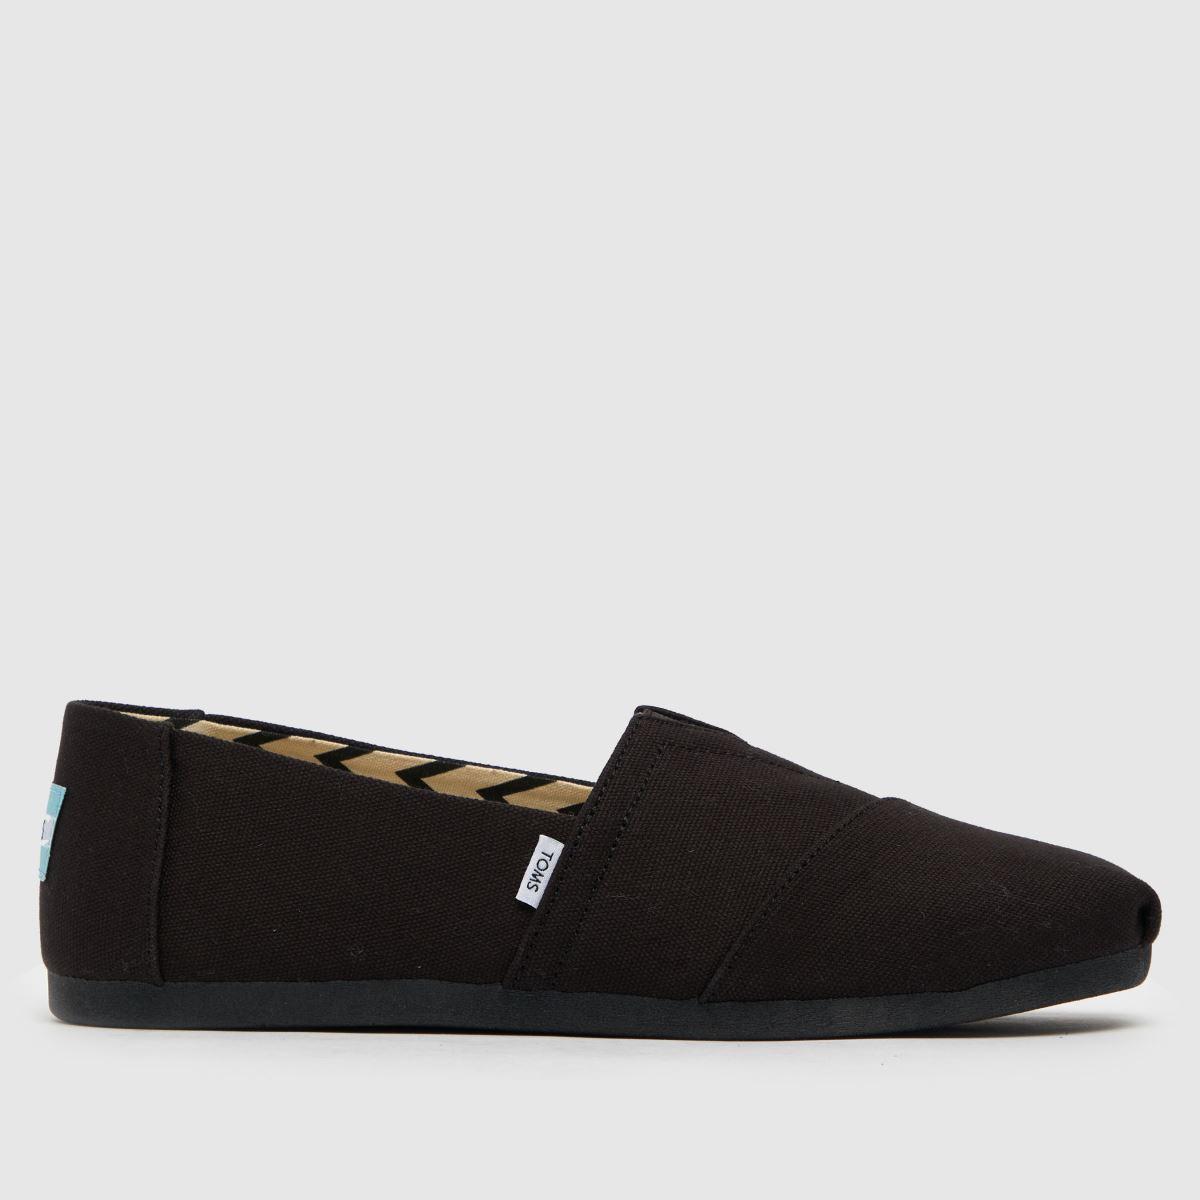 Toms Black Classic Slip Shoes